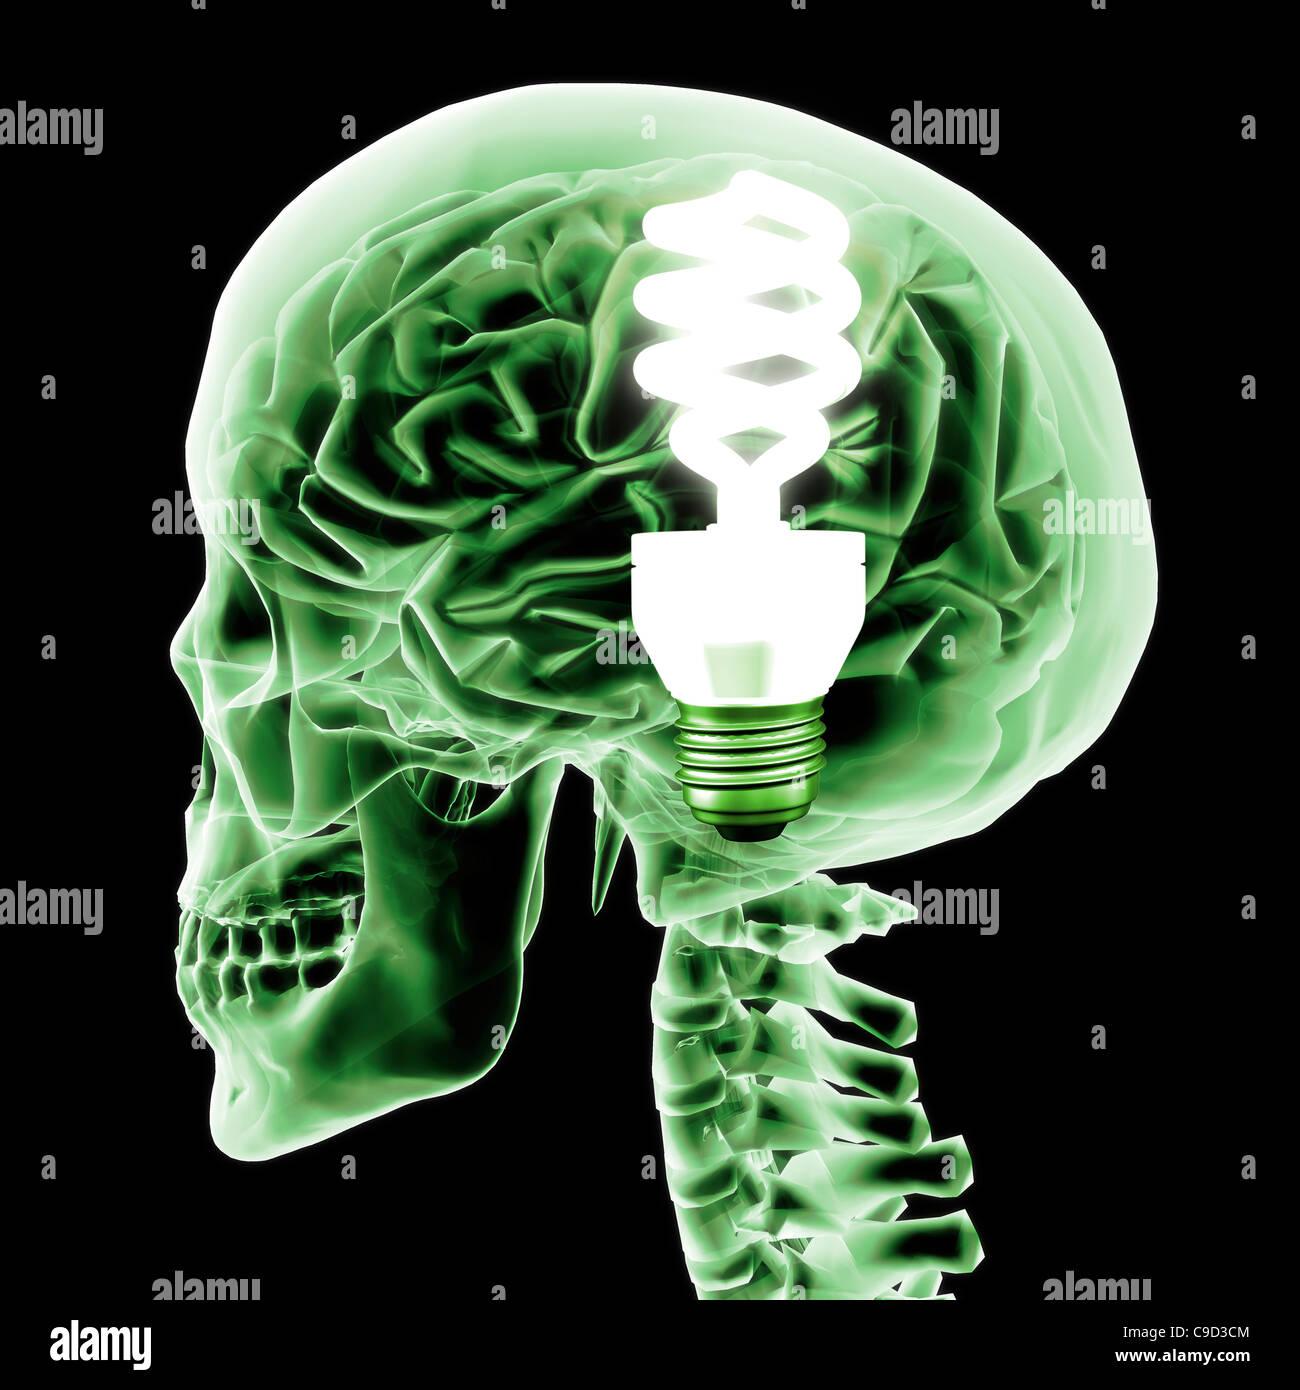 Gehirn mit grünen Glühlampe, Digital erzeugte Bild von Hank Grebe Stockbild